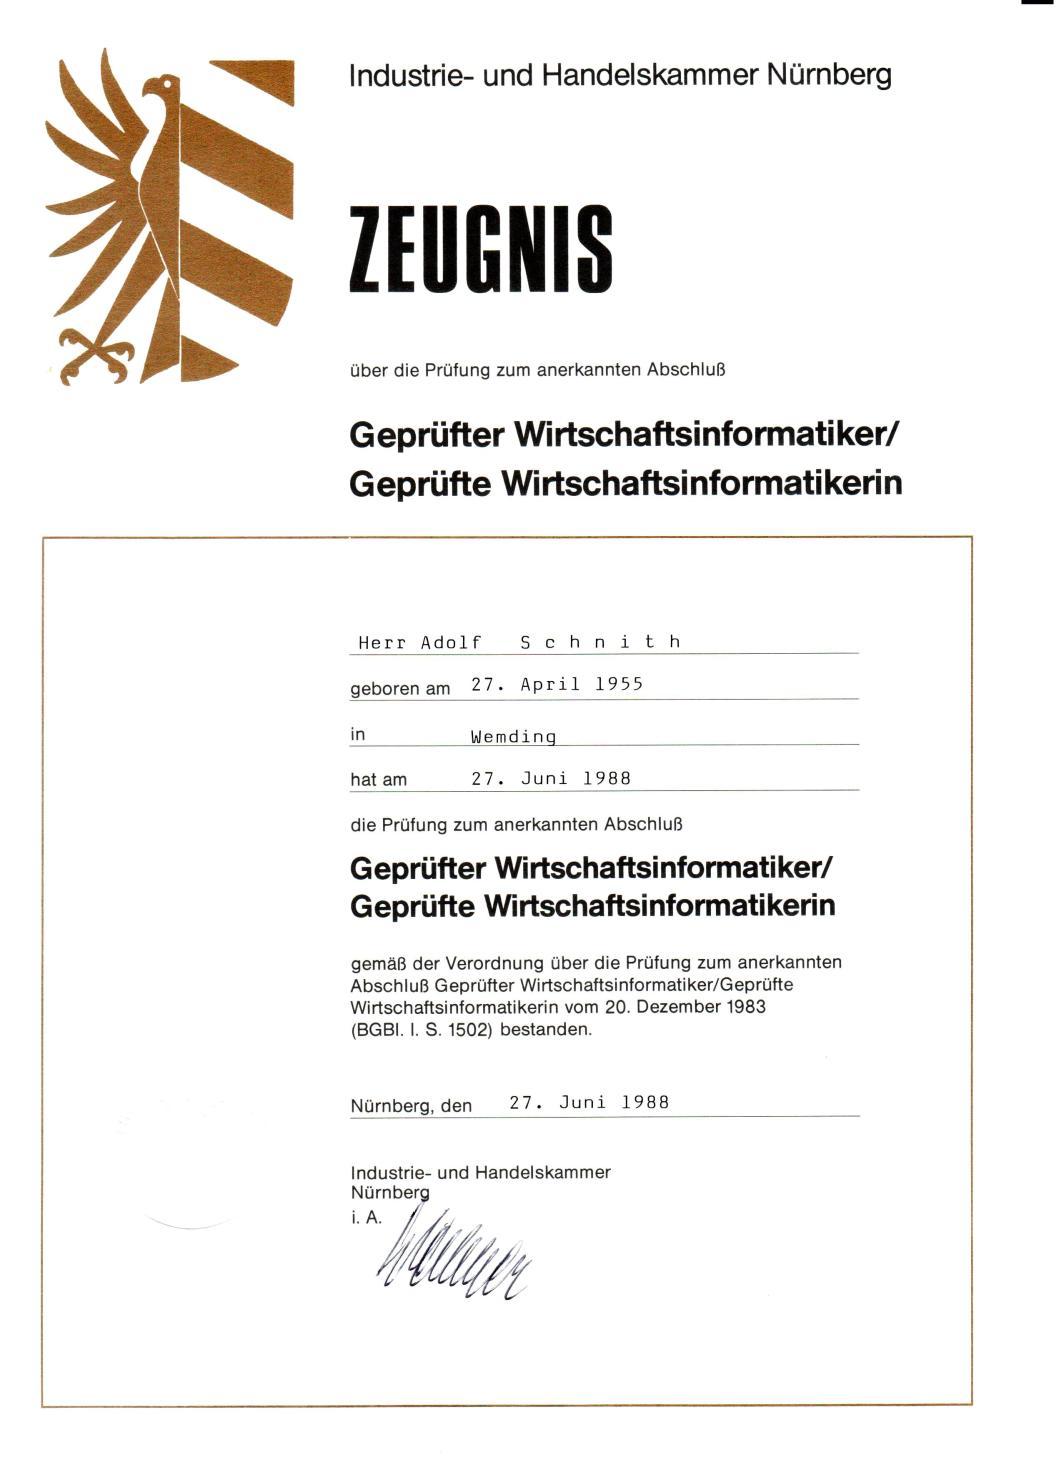 01_Adolf_Schnith_IHK-Winf